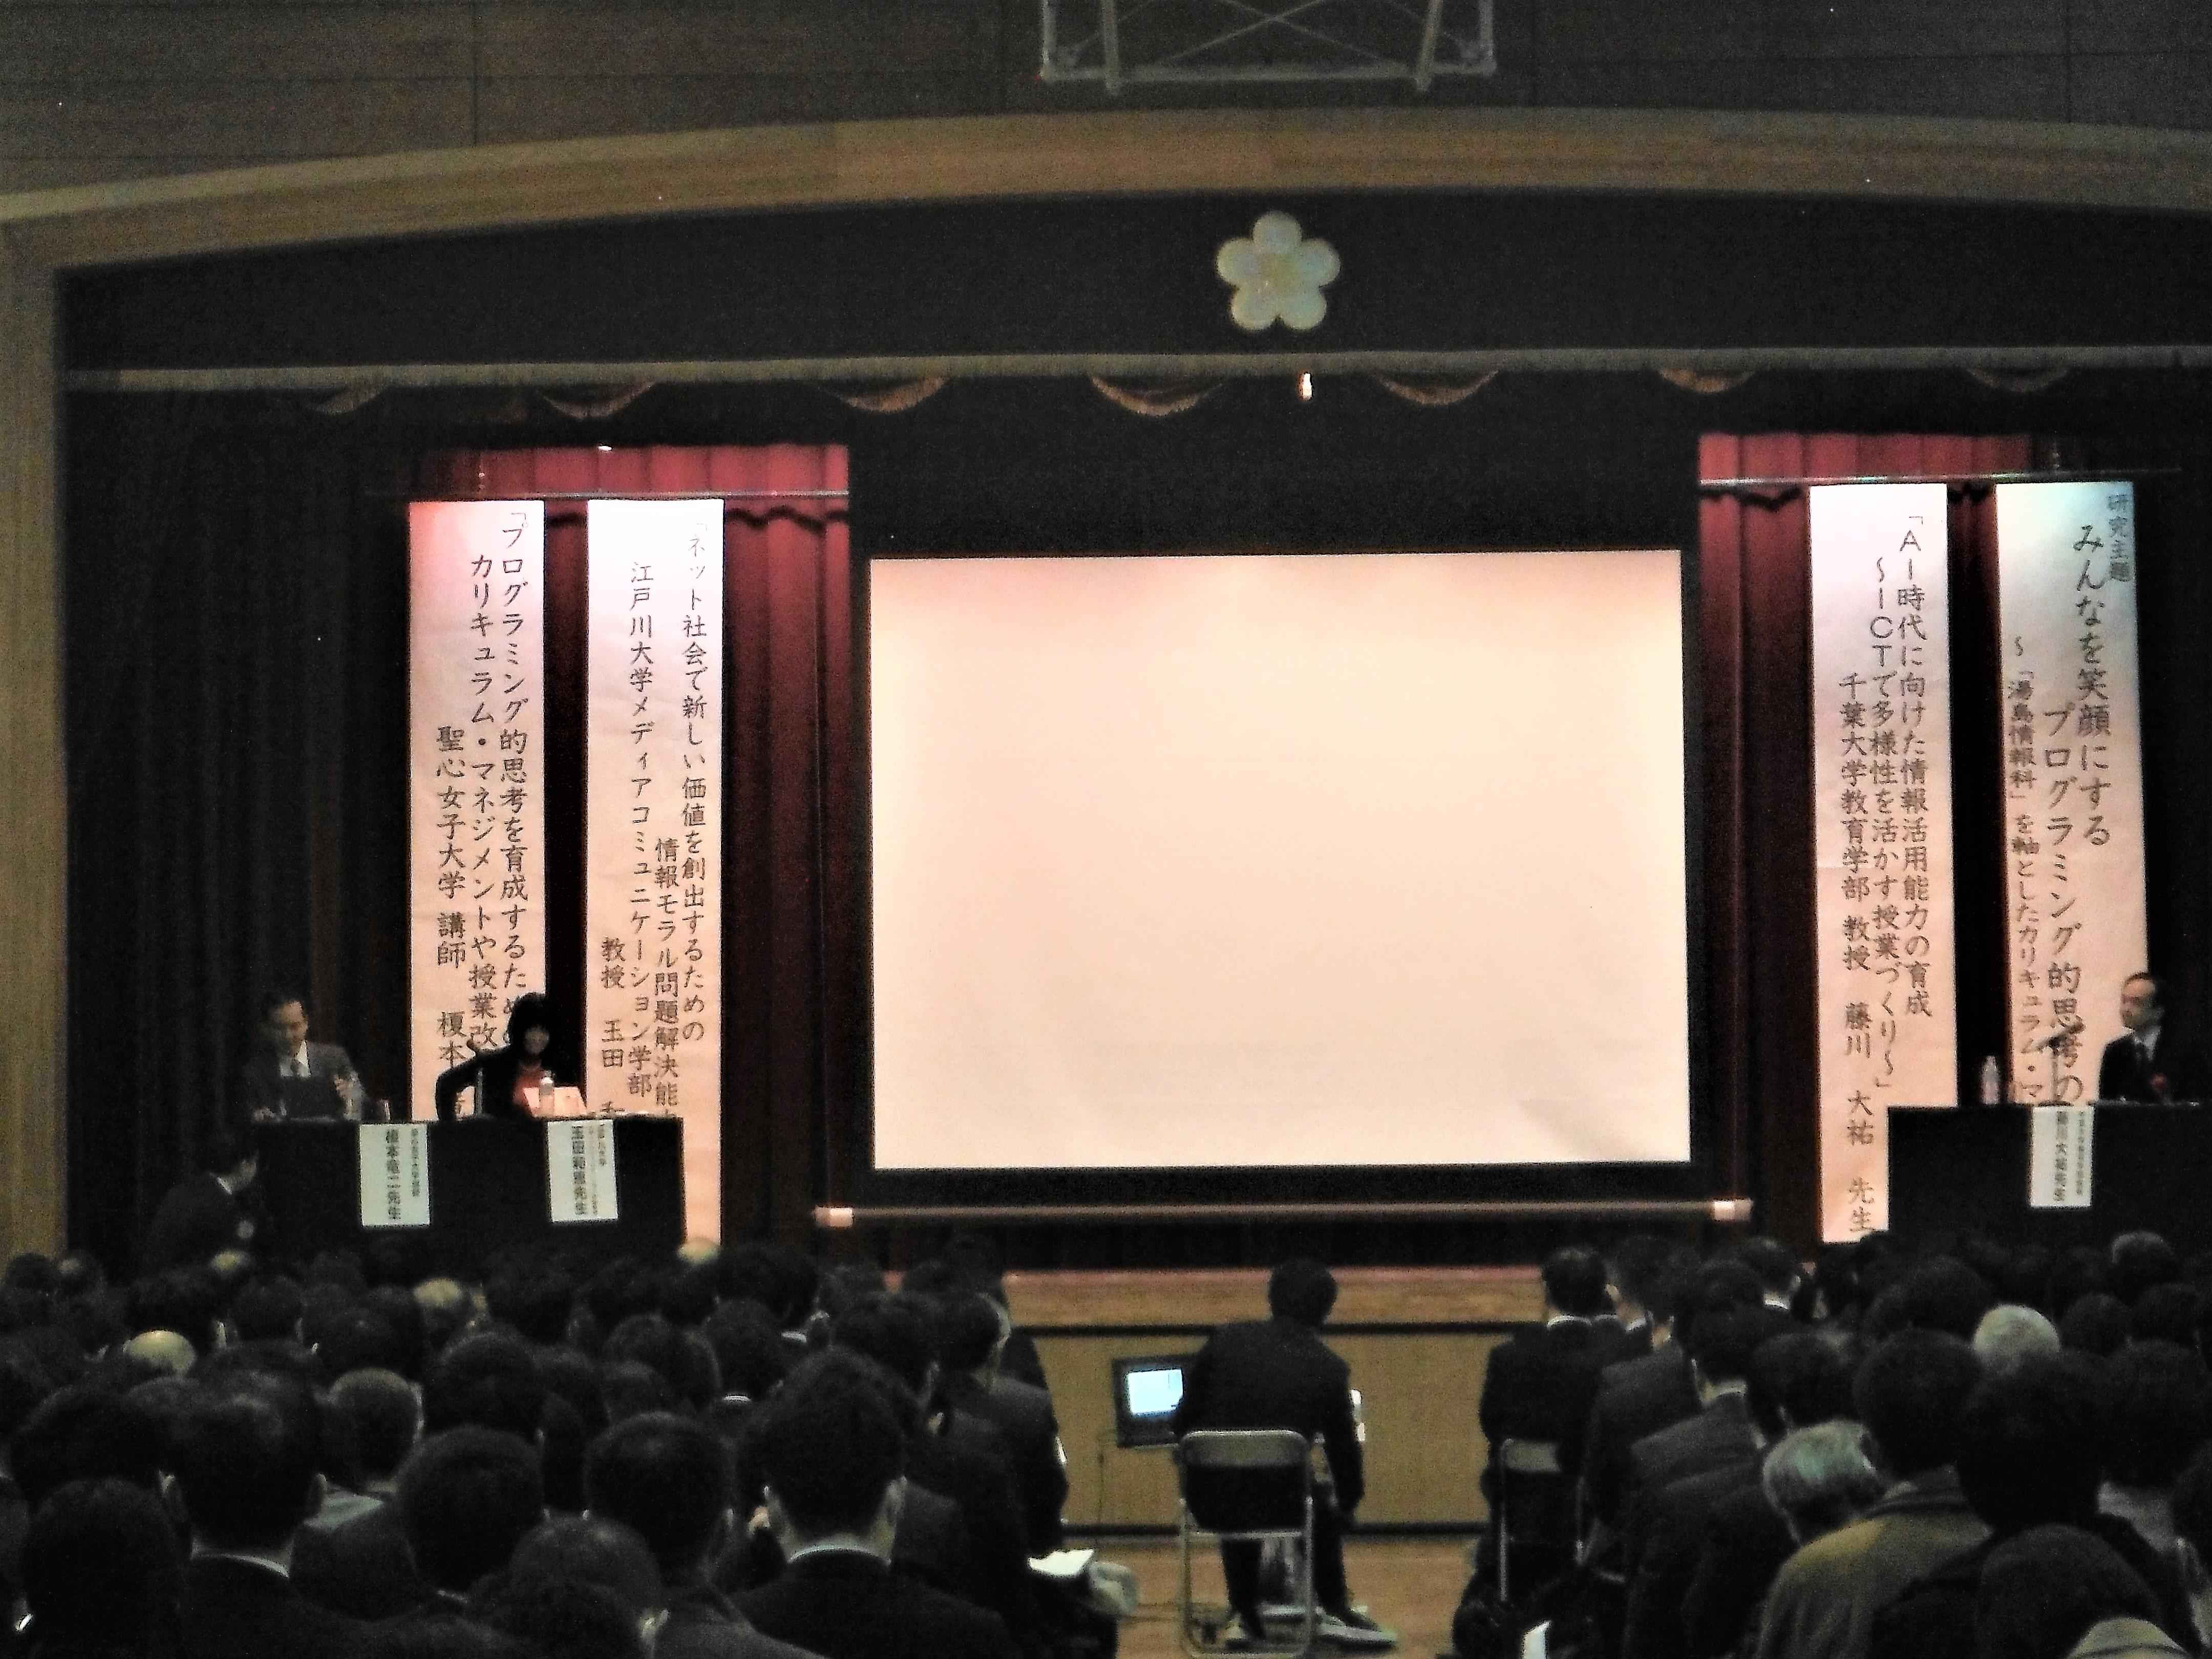 江戸川大学情報文化学科の玉田和恵教授が小学校教諭を対象としたプログラミングに関する講演を実施